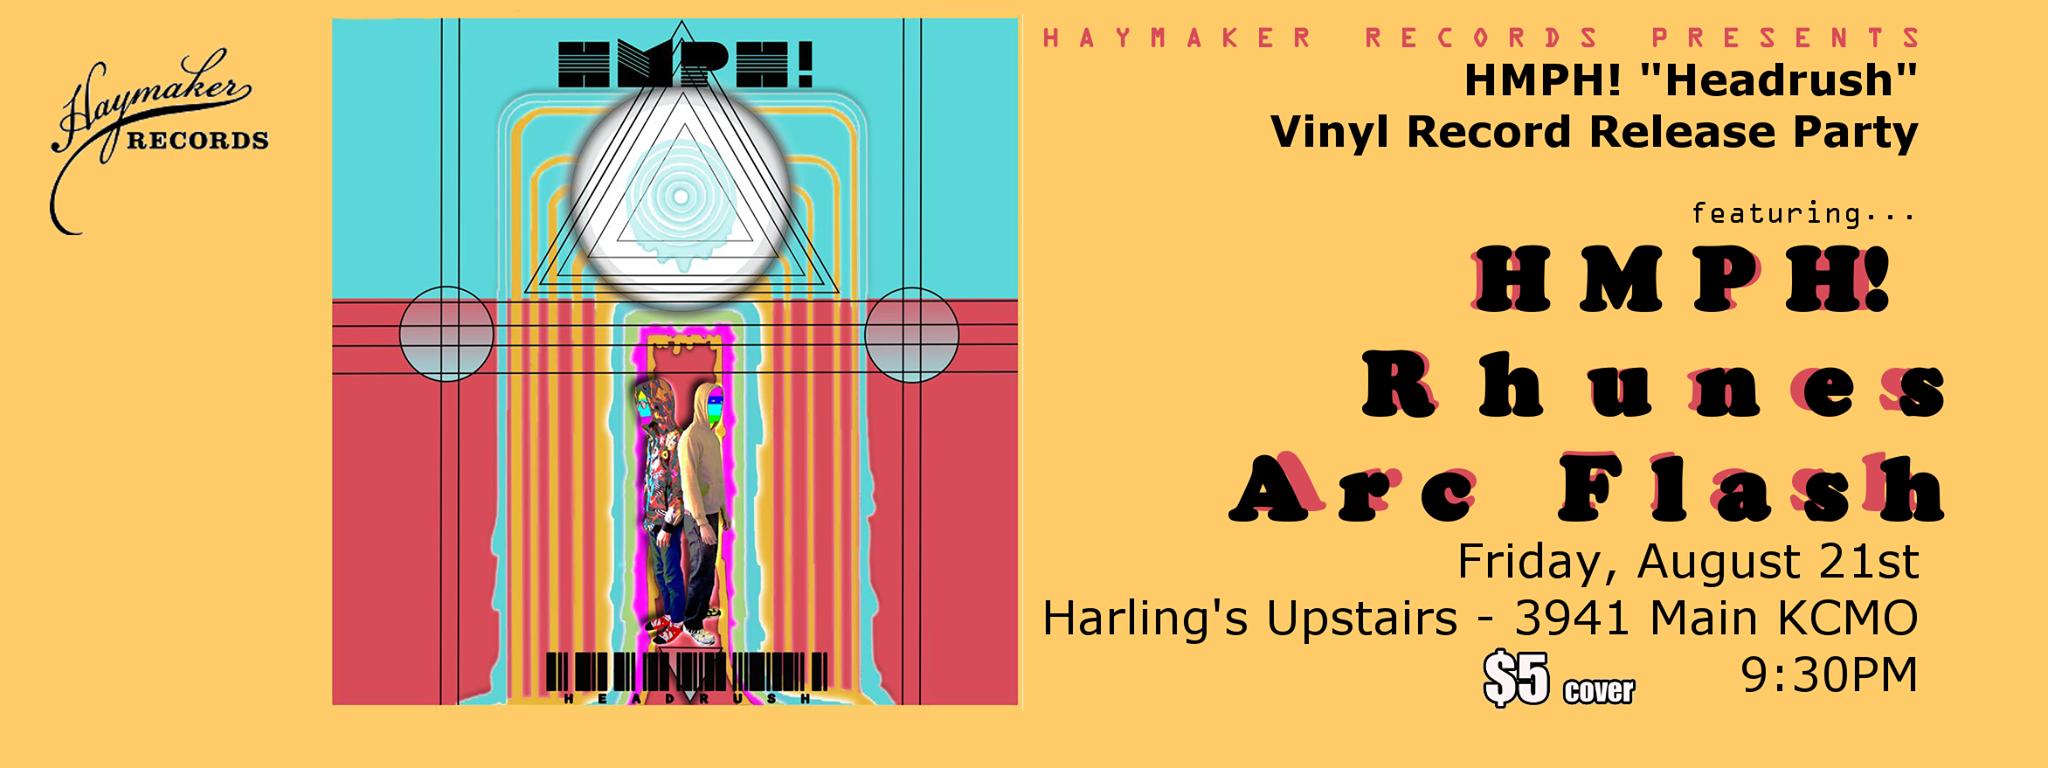 HMPH! Release Party 08/21/15